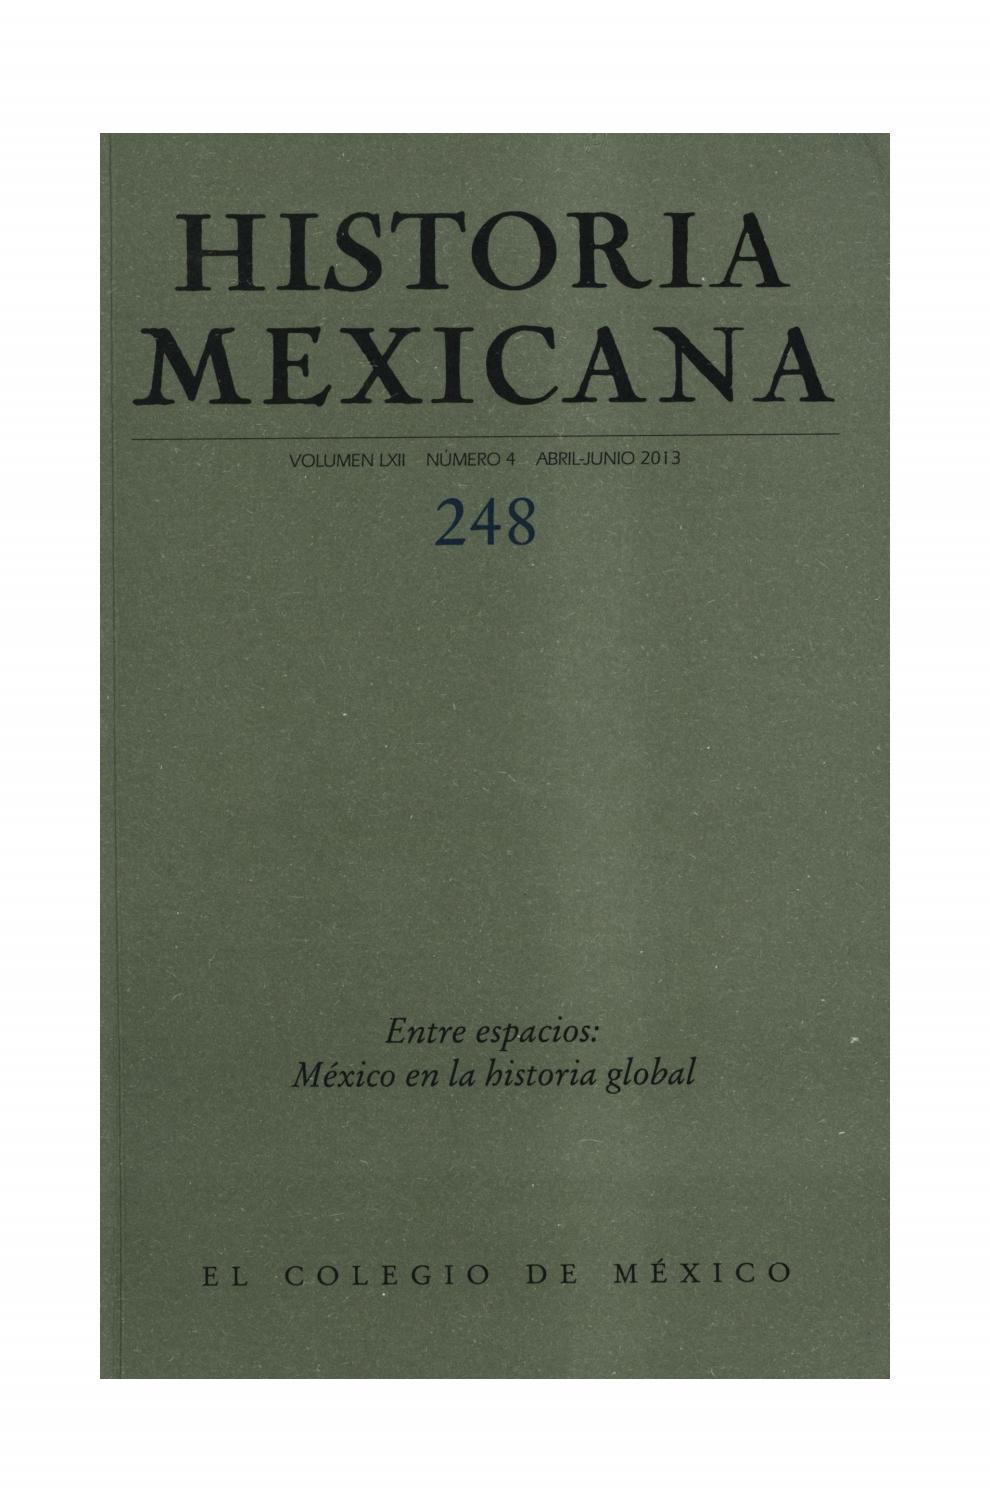 Historia mexicana 248 volumen 62 número 4 entre espacios méxico en ...